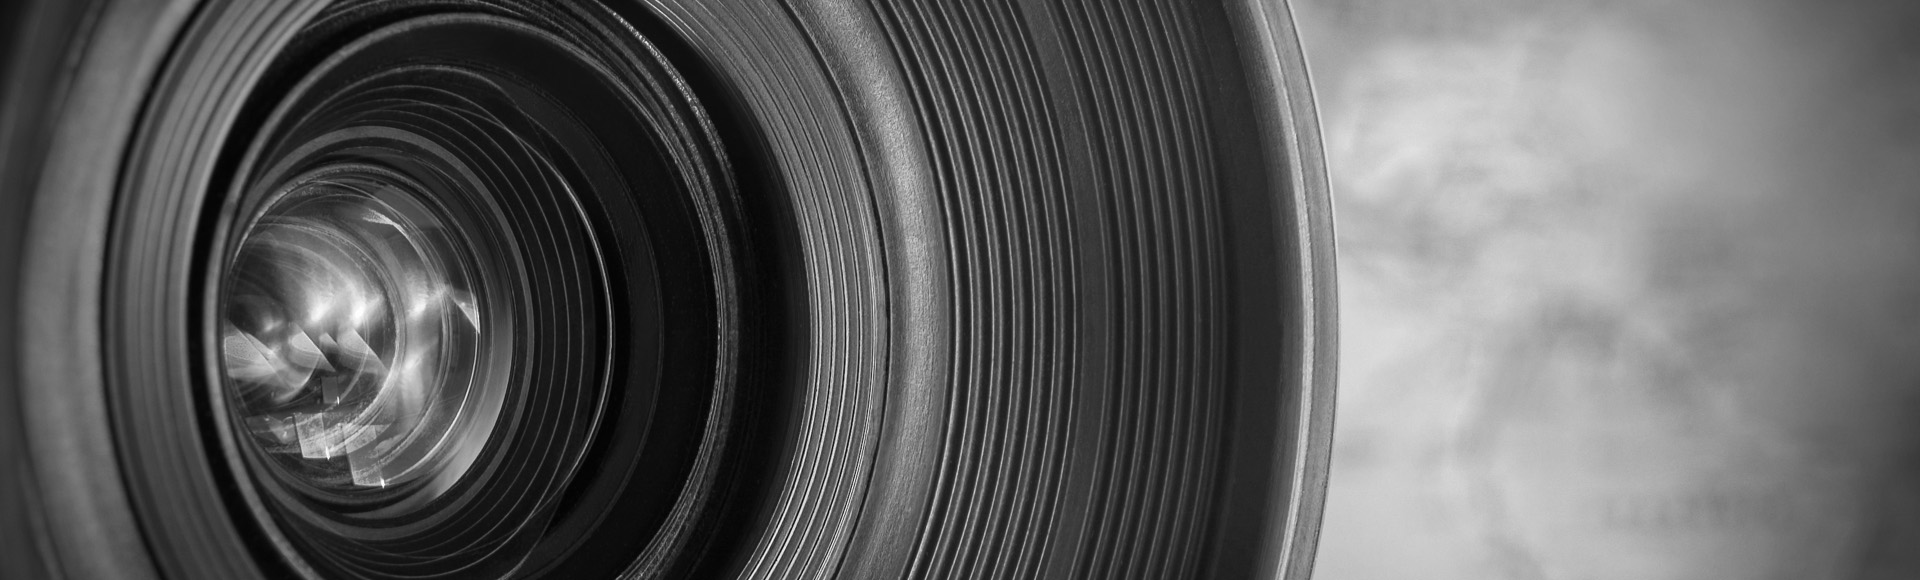 Cinemagraphs created by Digital Nexa, Dubai